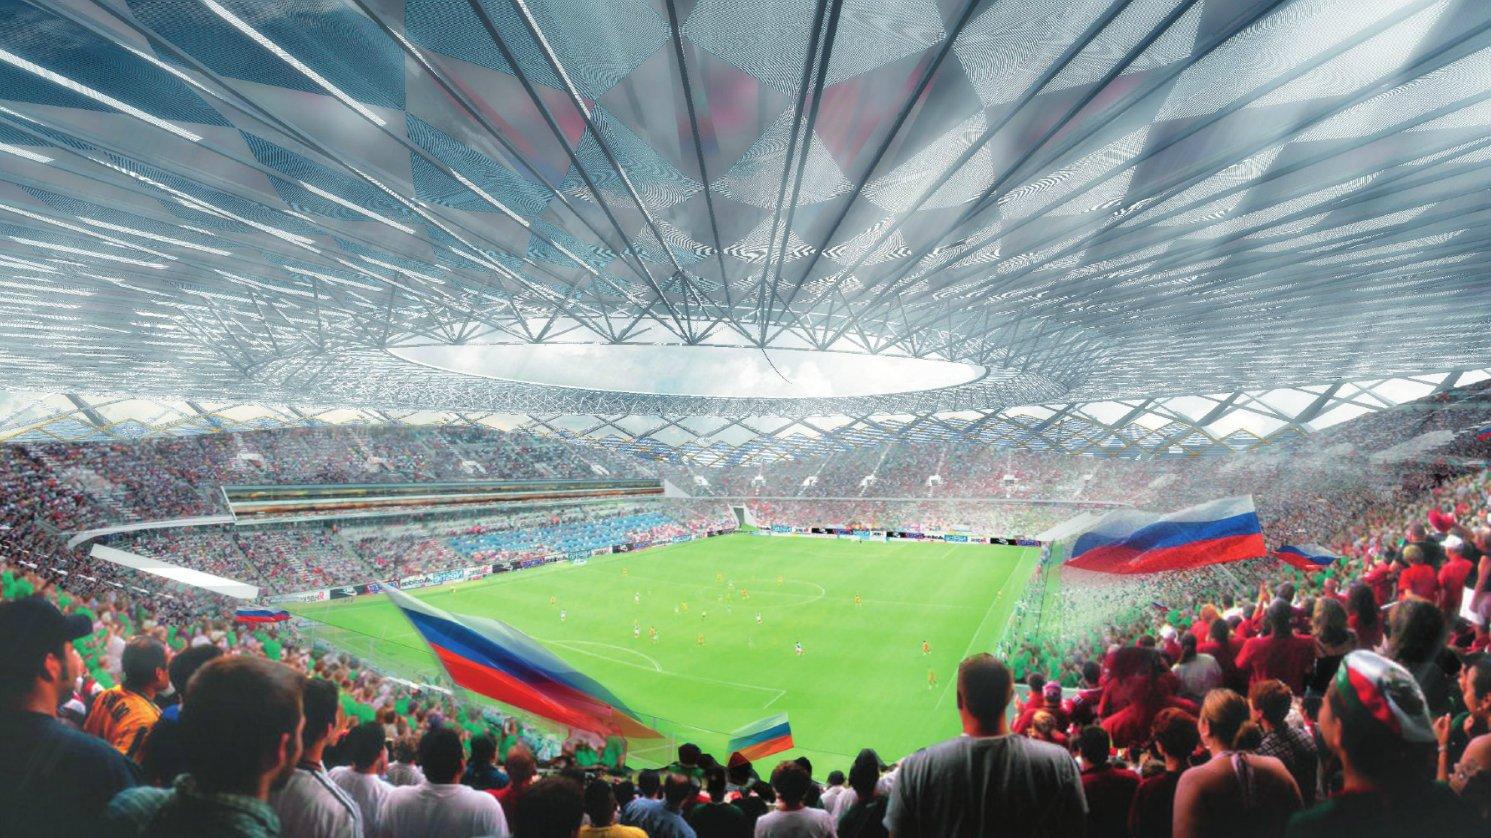 استادیوم ولگوگراد آرنا محل برگزاری مسابقات جام جهانی روسیه 2018